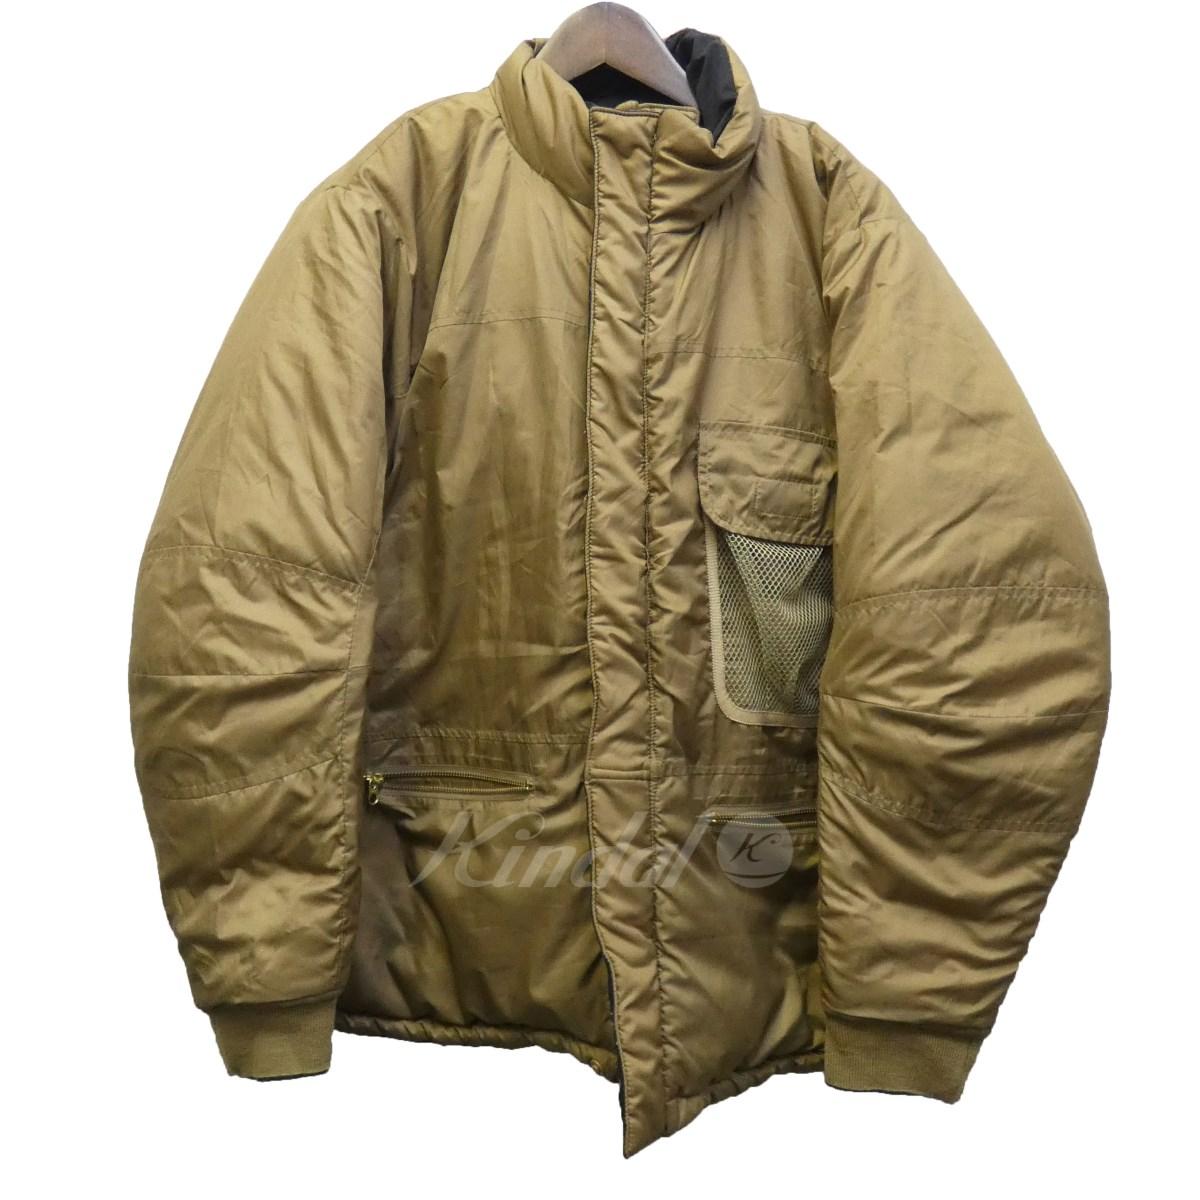 【中古】hombre nino × CORONA 15AW リバーシブル中綿ジャケット ベージュ×ブラック サイズ:L 【240820】(オンブレ ニーヨ × コロナ)